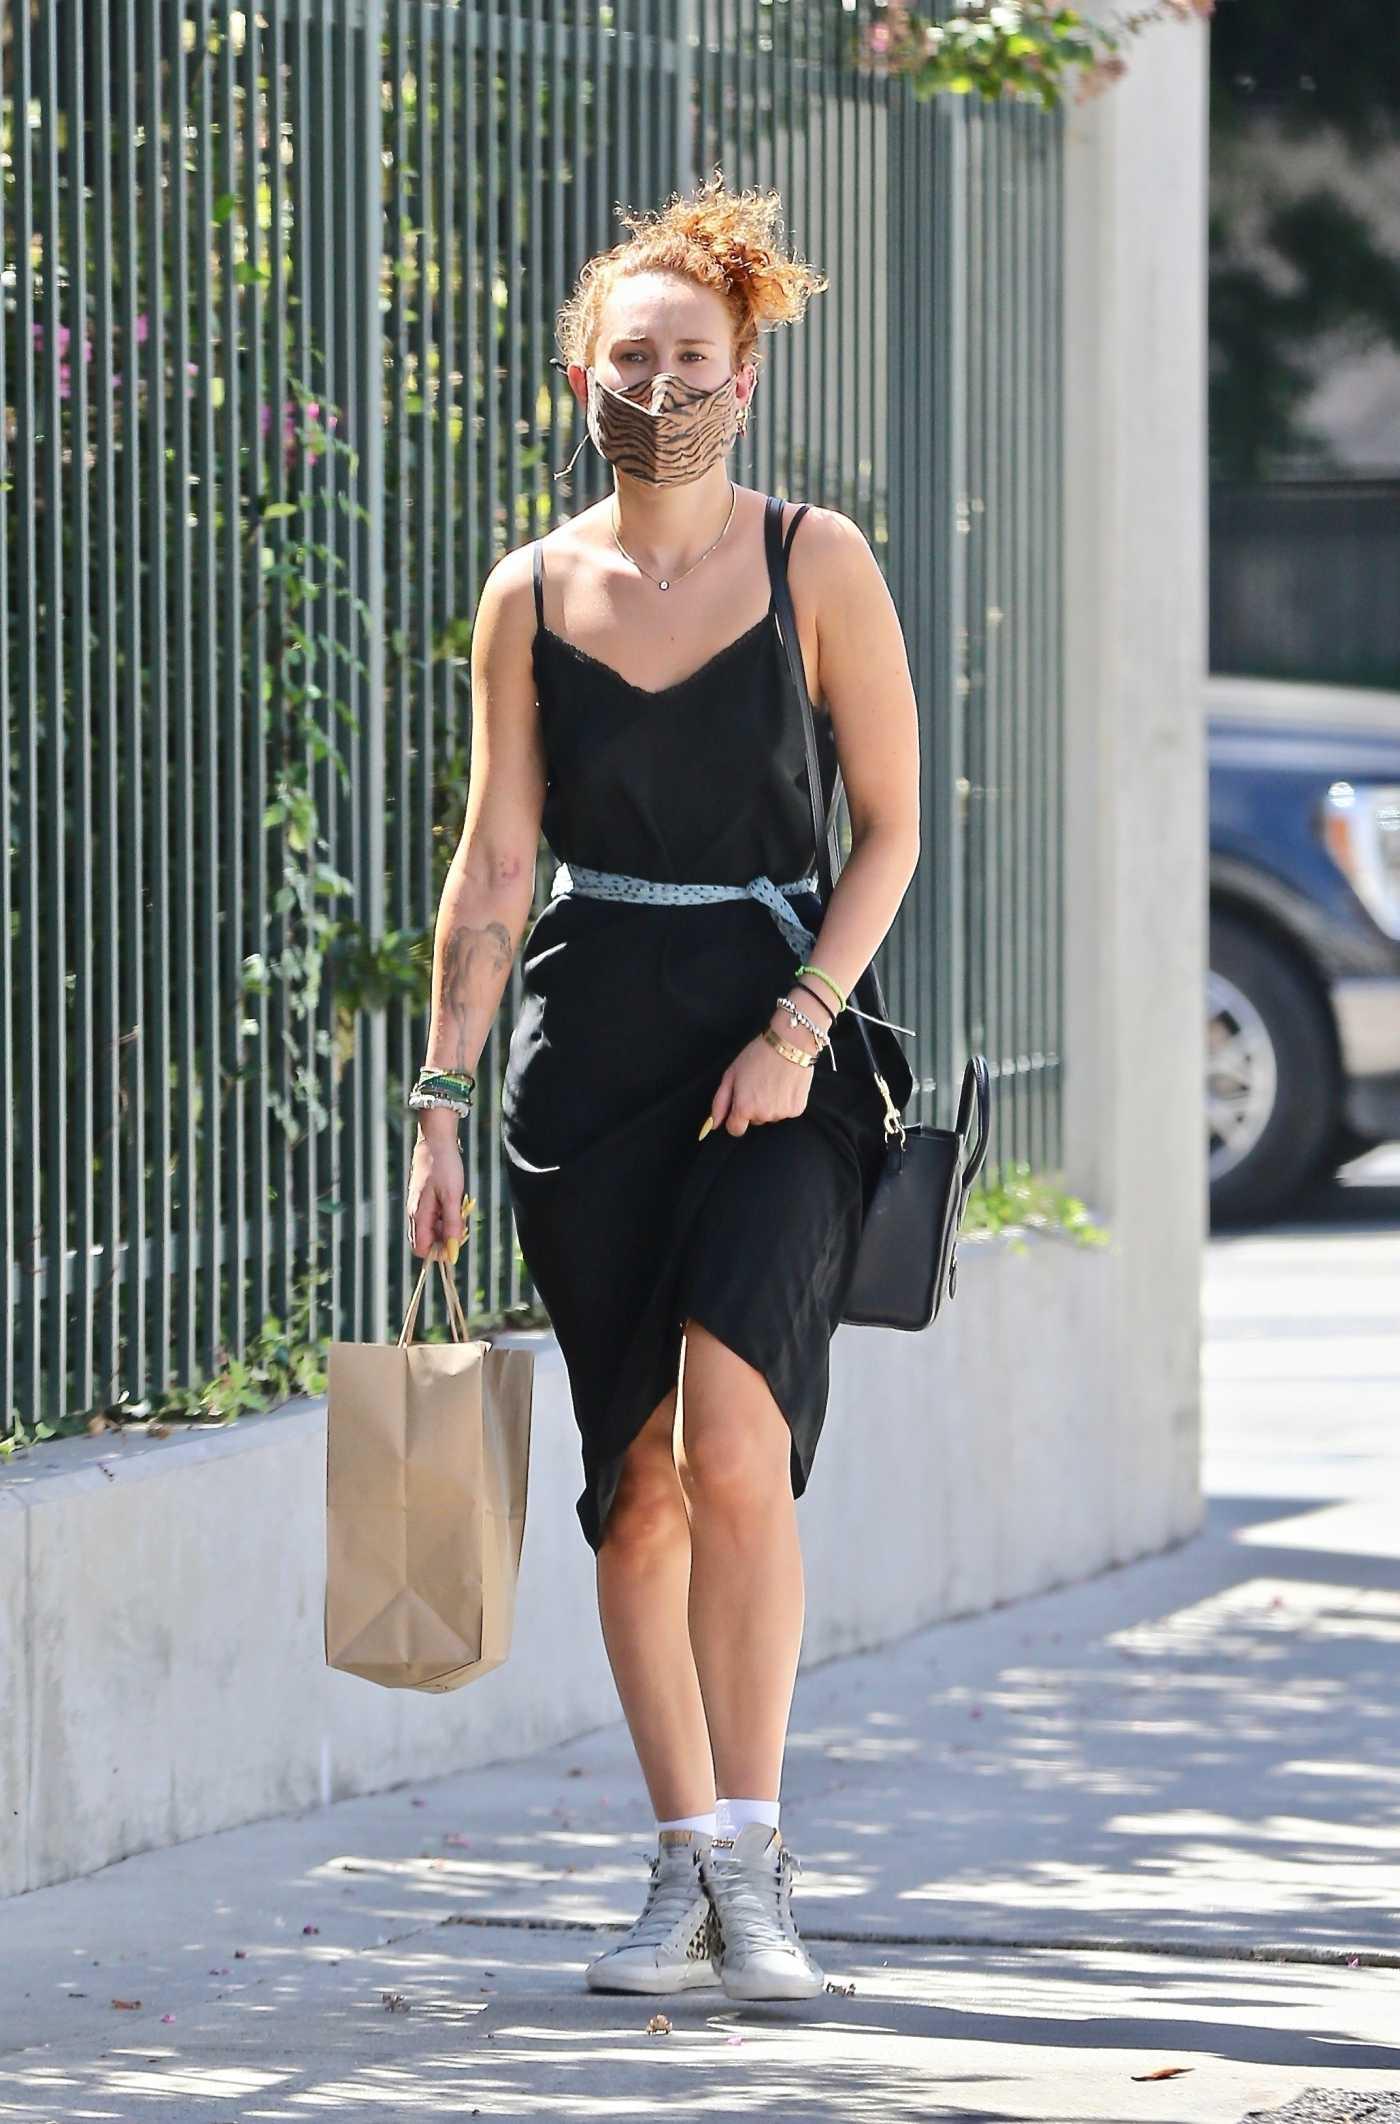 Rumer Willis in a Black Sundress Was Seen Out in Los Feliz 08/29/2021